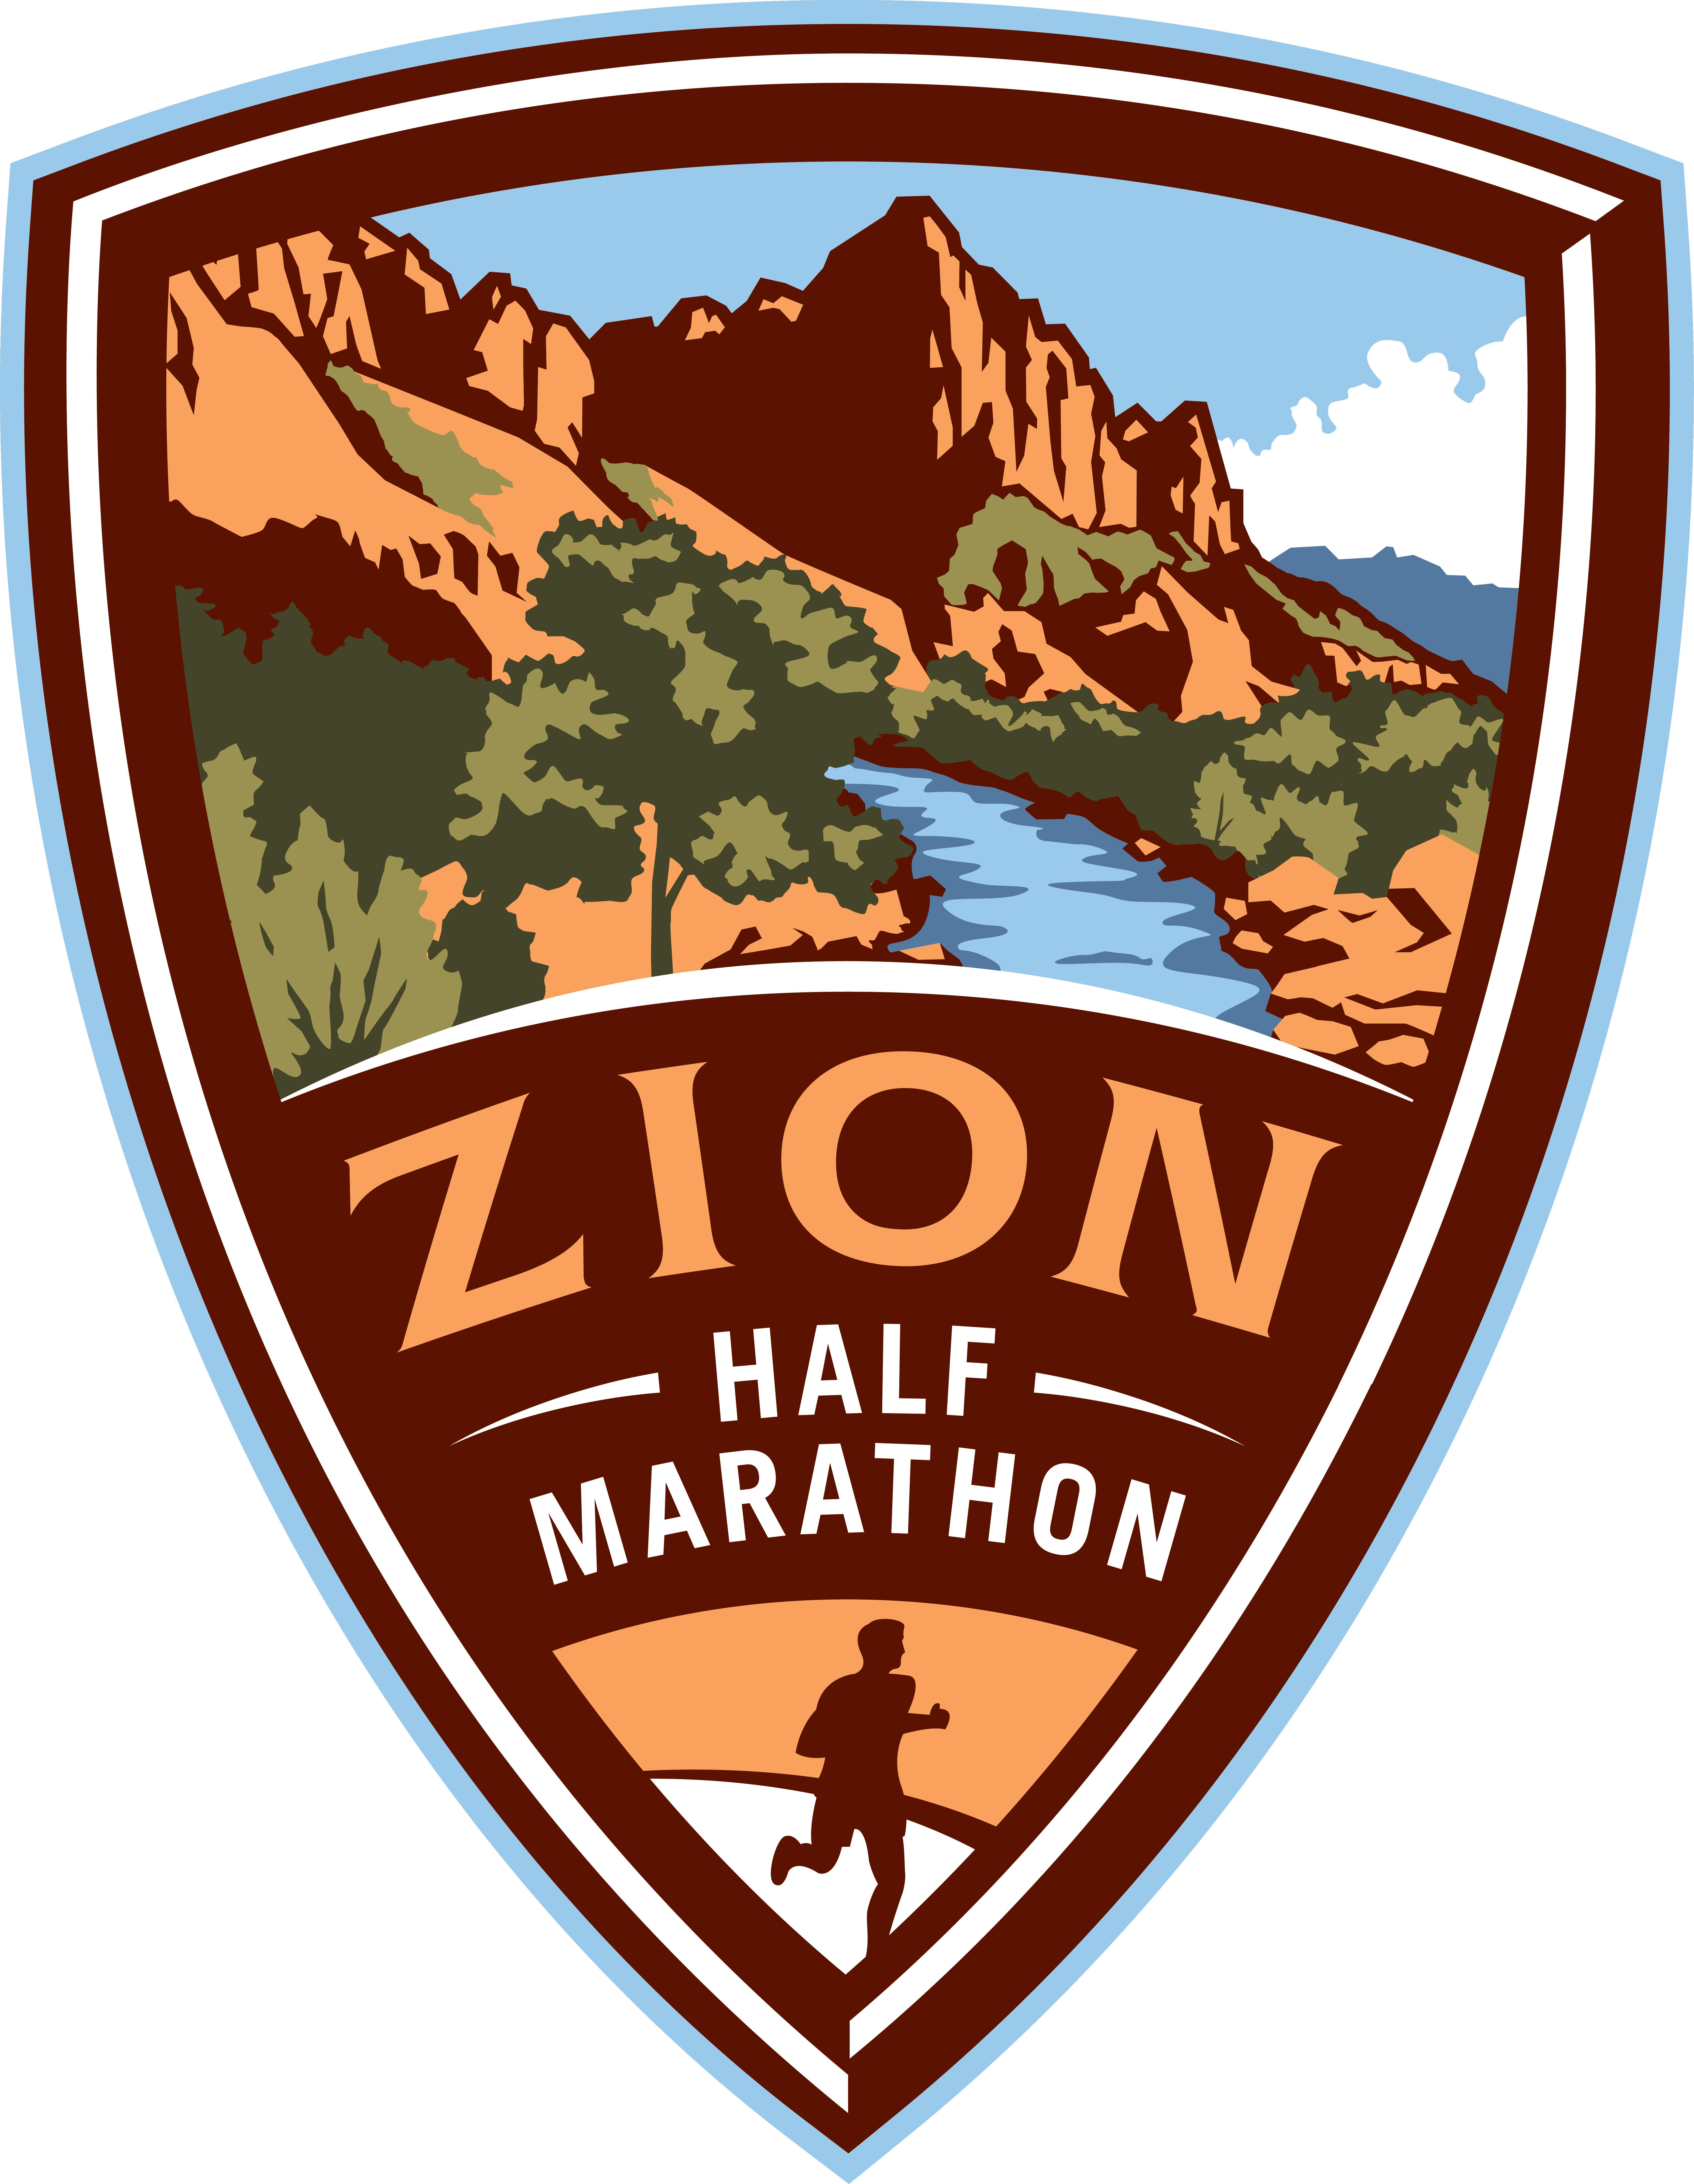 Zion Half Marathon logo